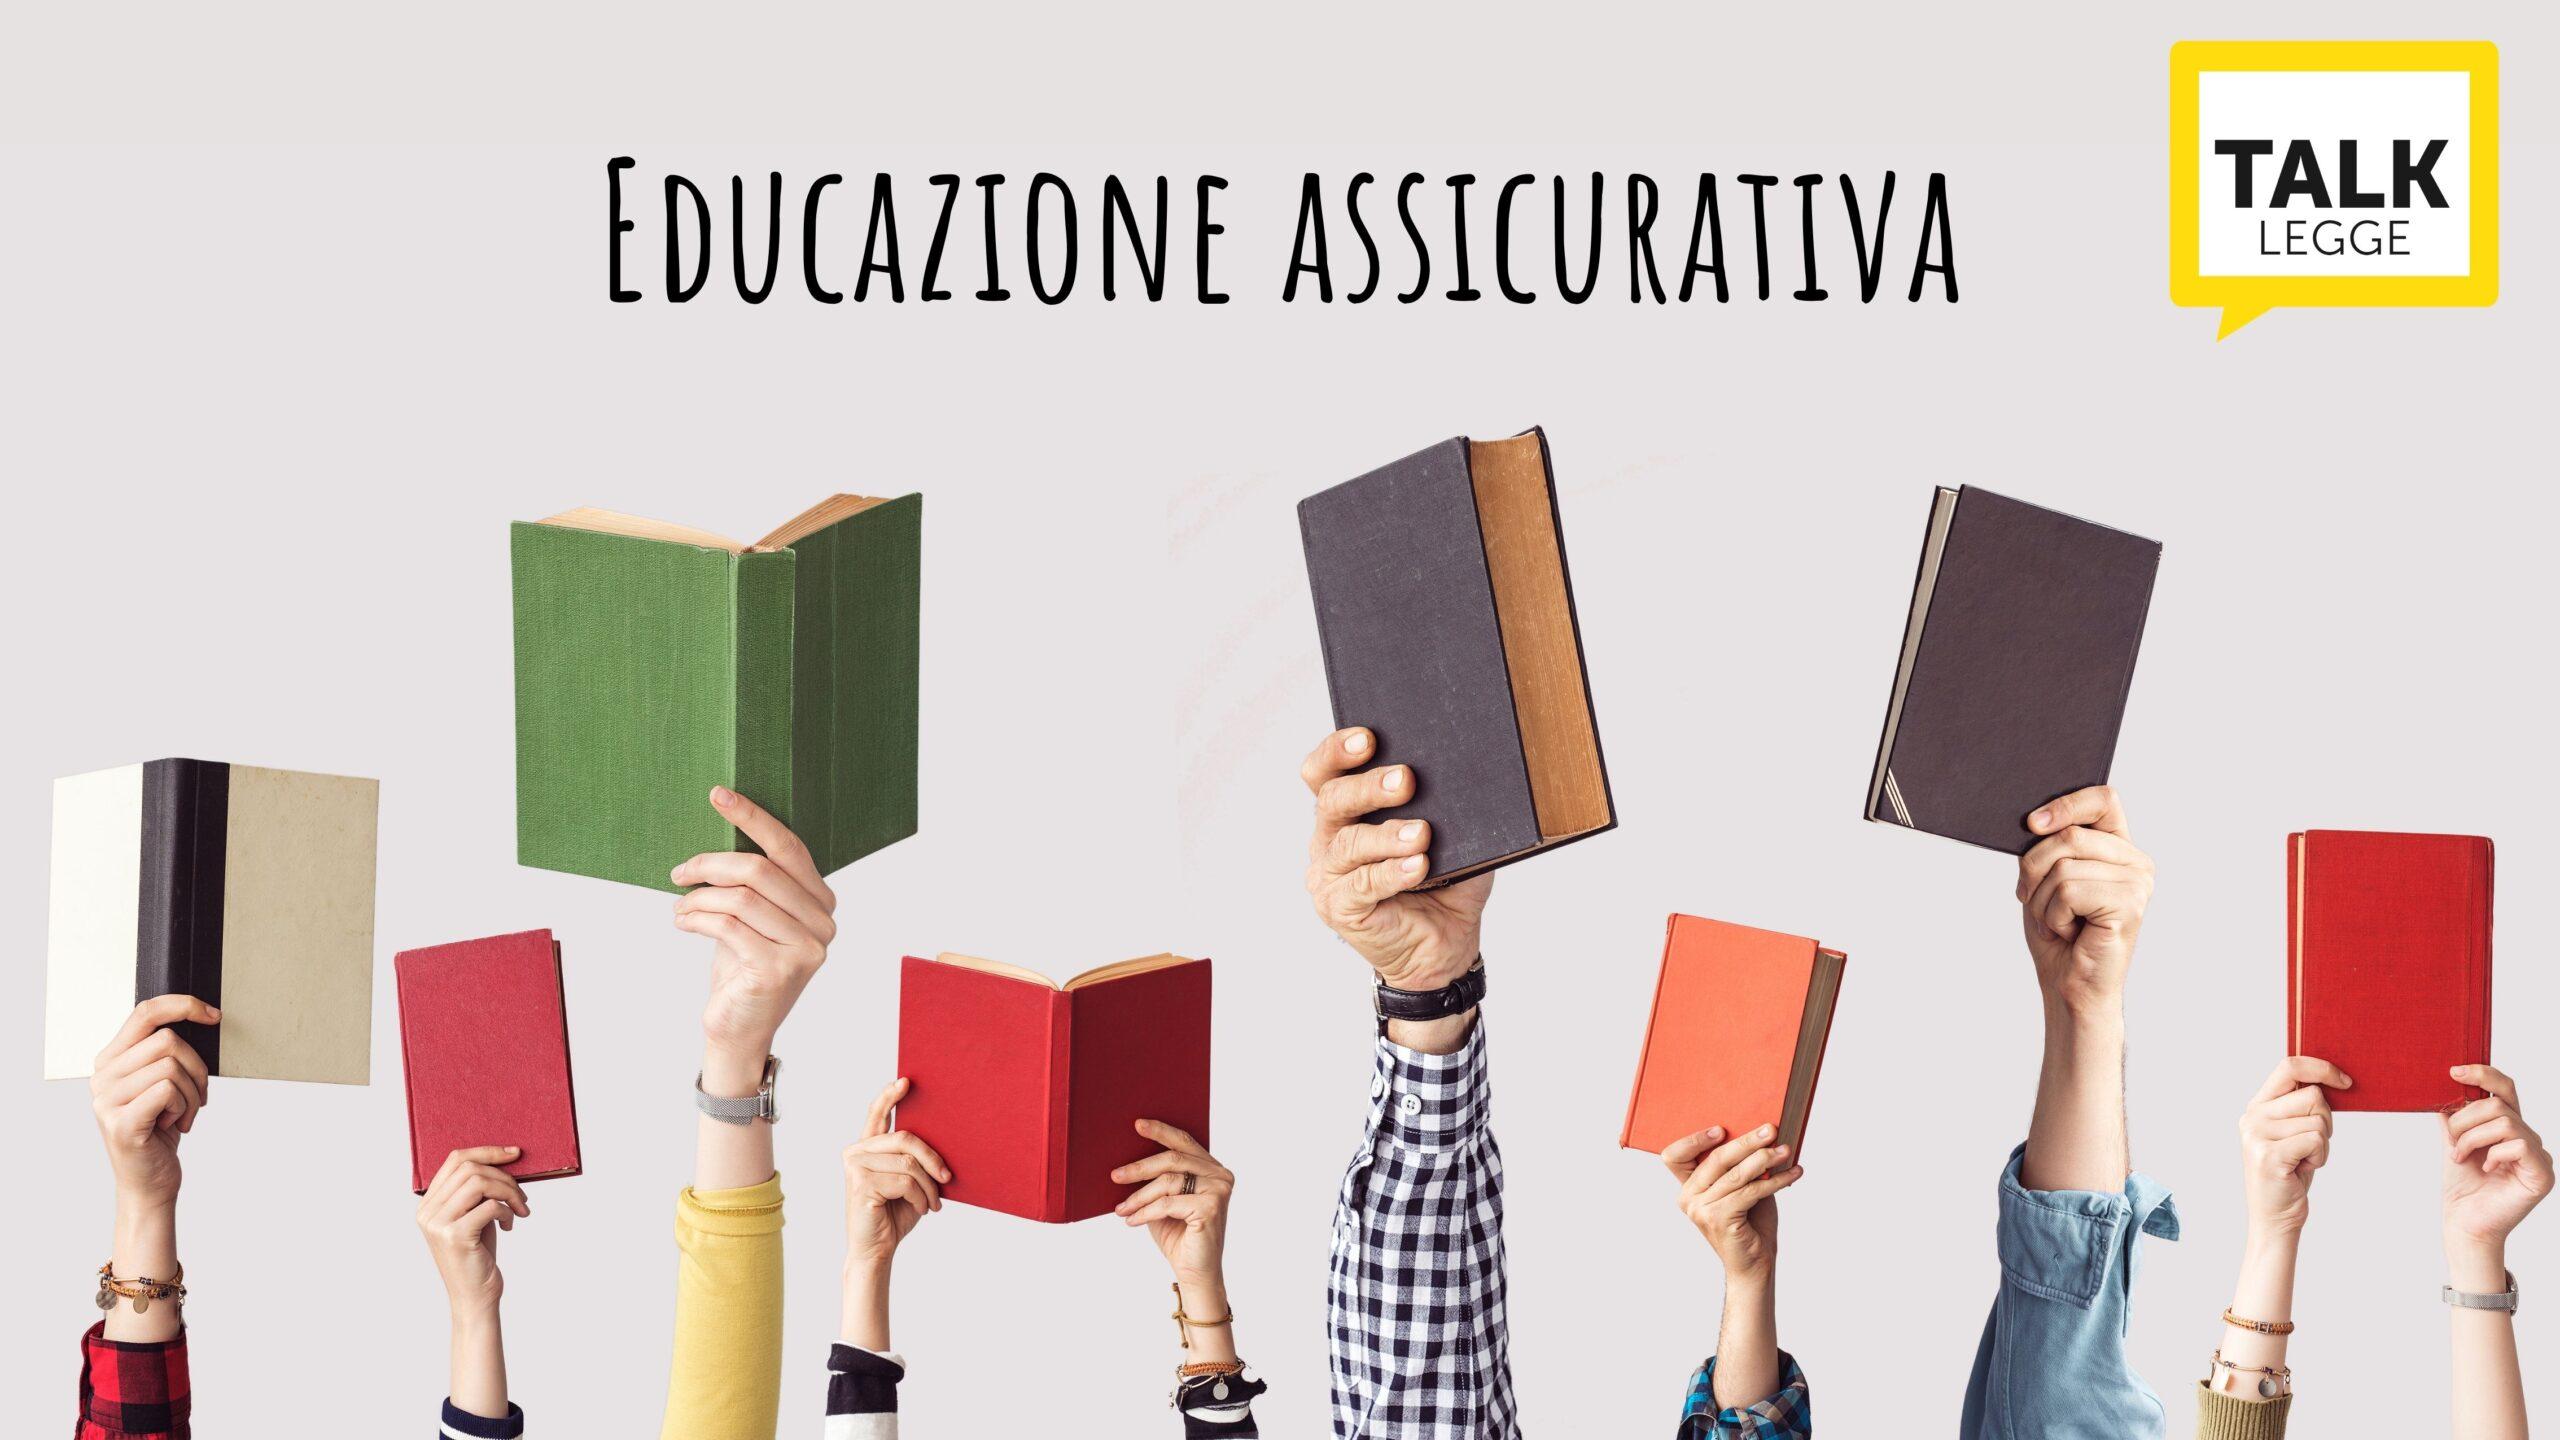 EDUCAZIONE FINANZIARIA E ASSICURATIVA